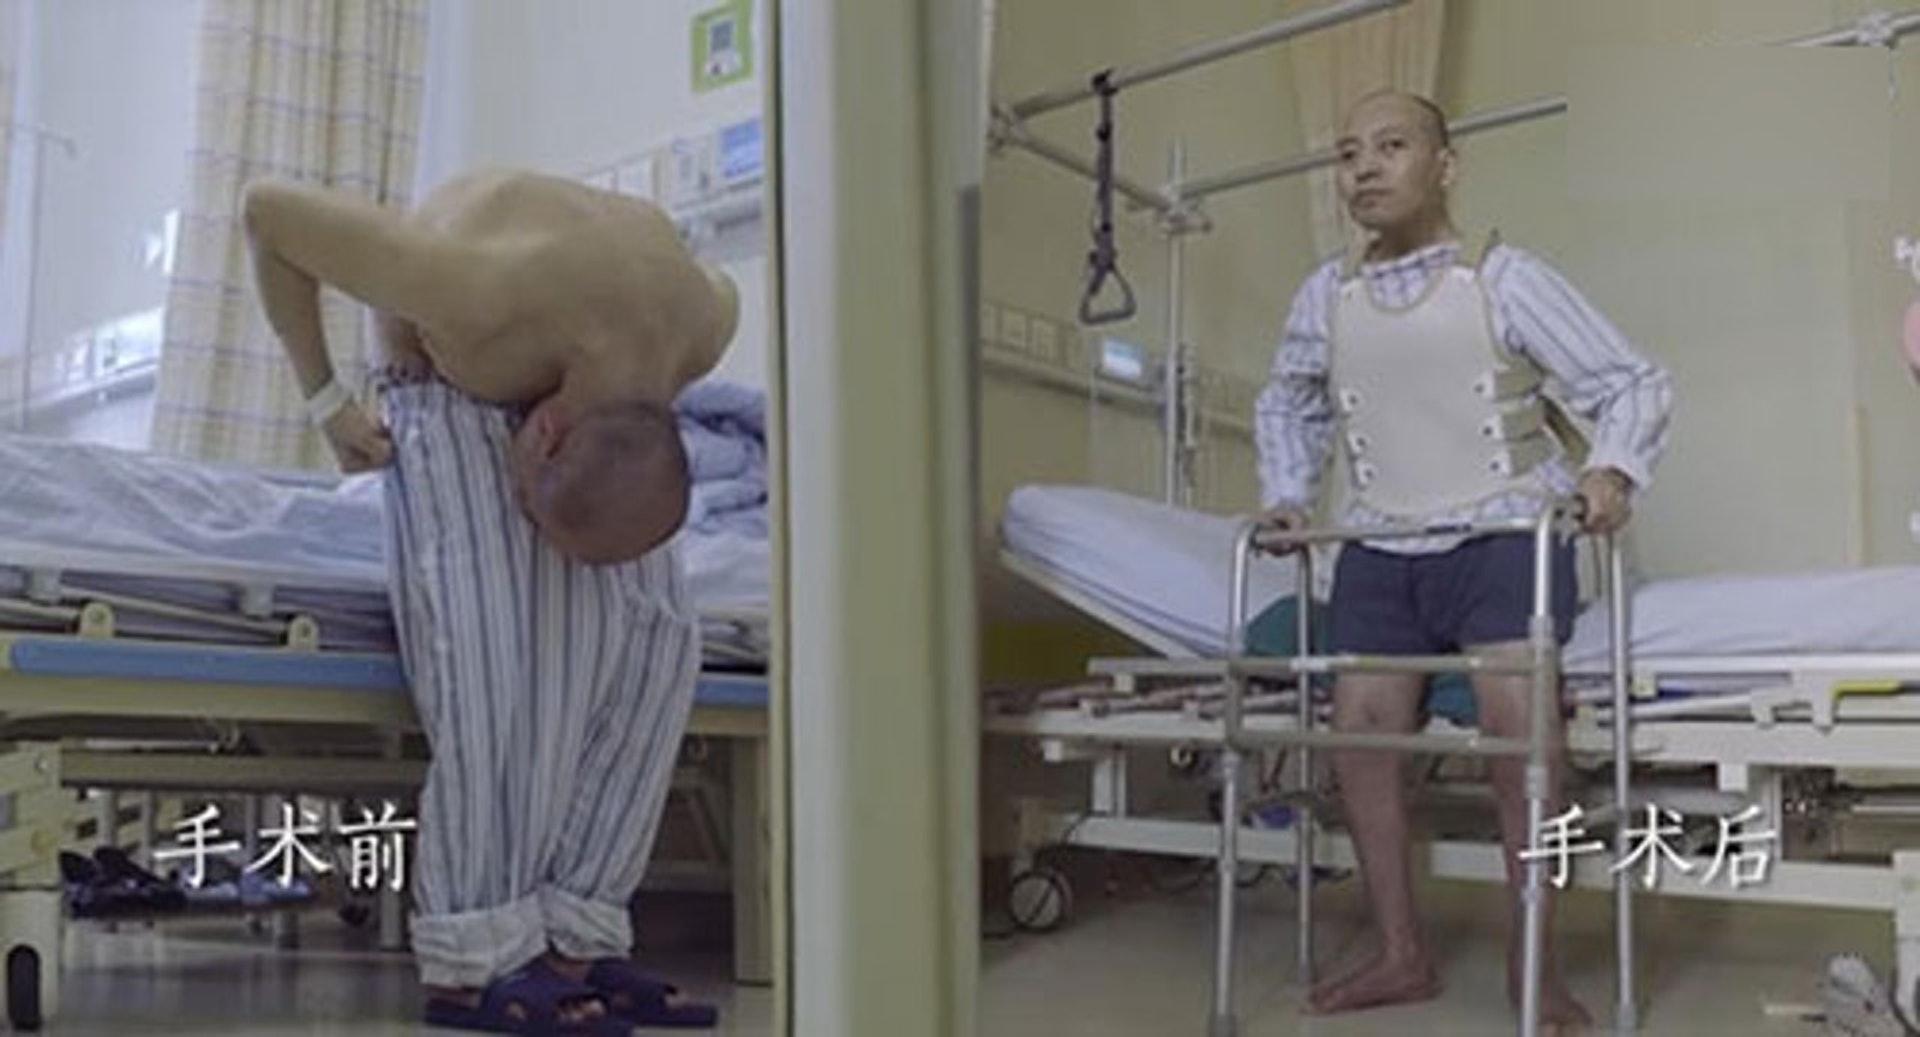 經過4次的手術,李華重新站起來了,更可依靠輔助工具緩緩行走。(紀錄片截圖)